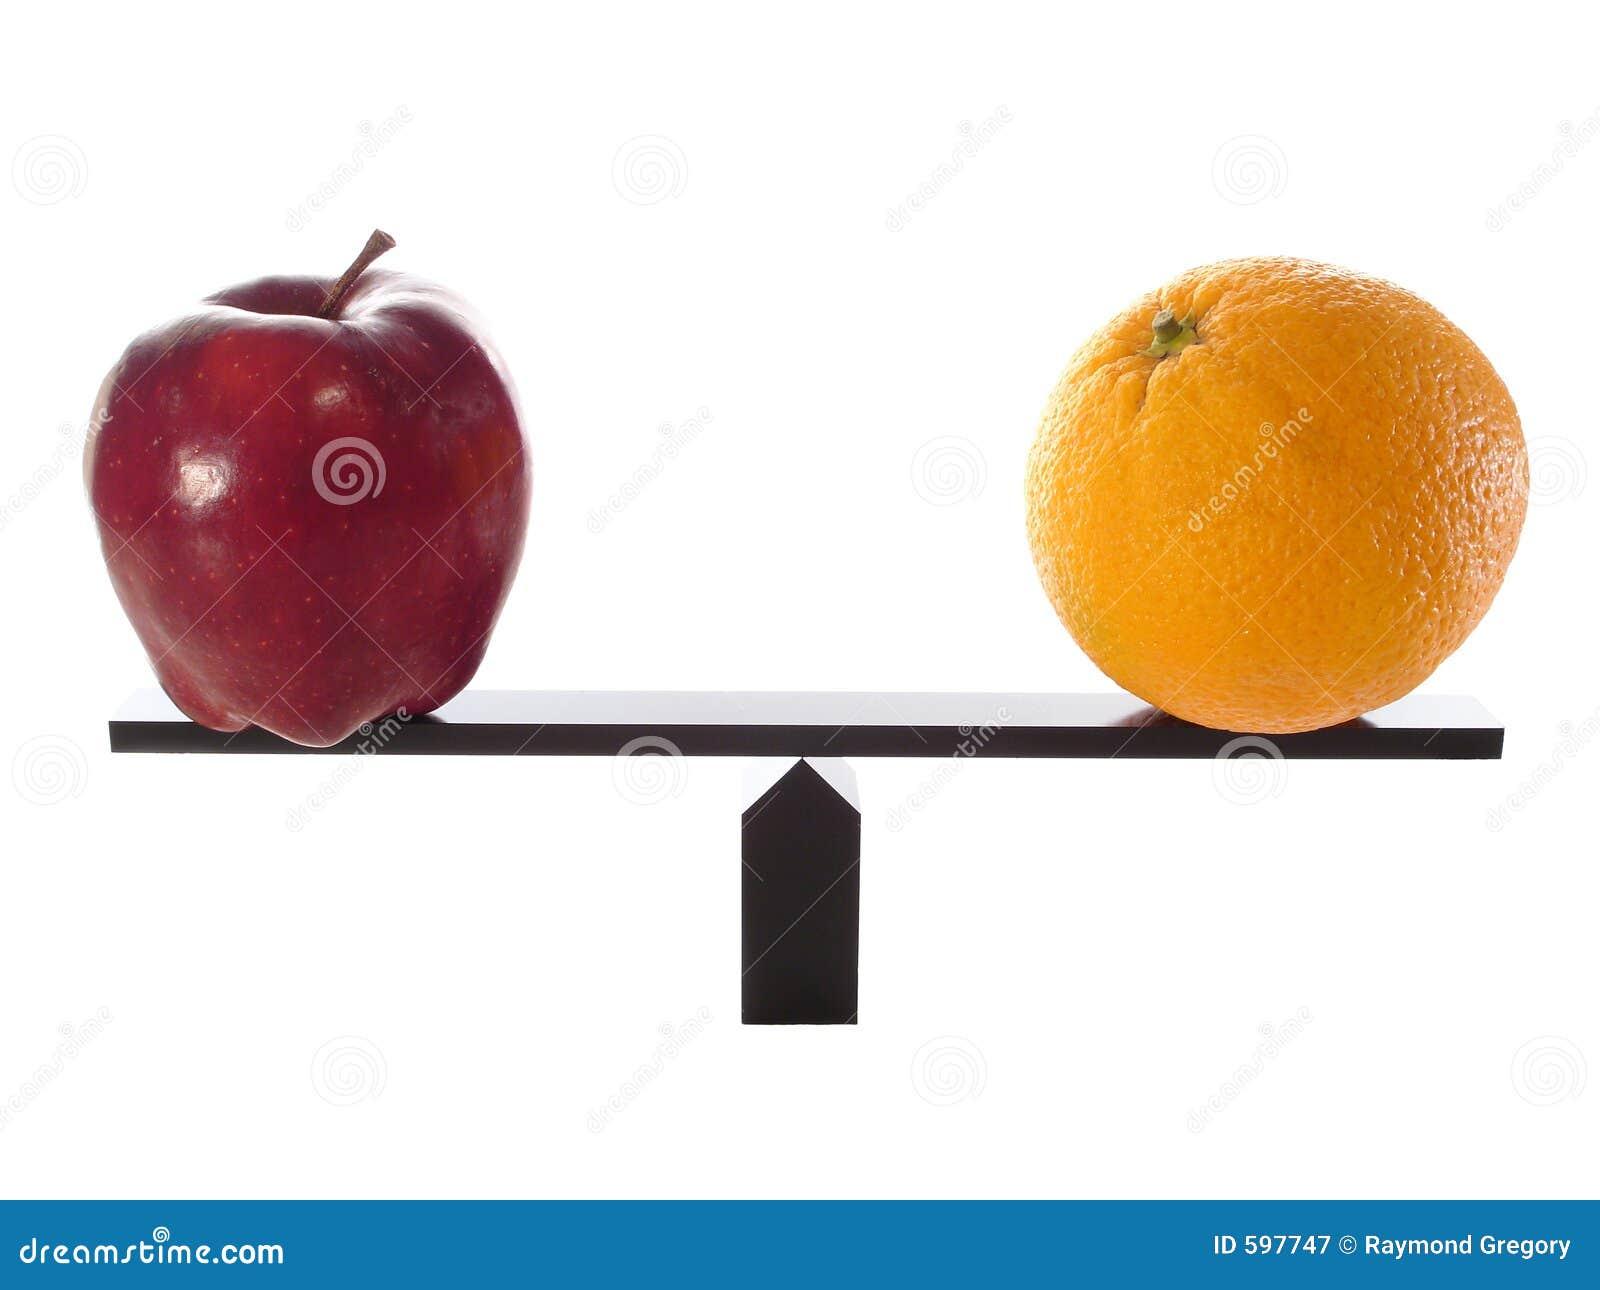 Comparando maçãs às laranjas